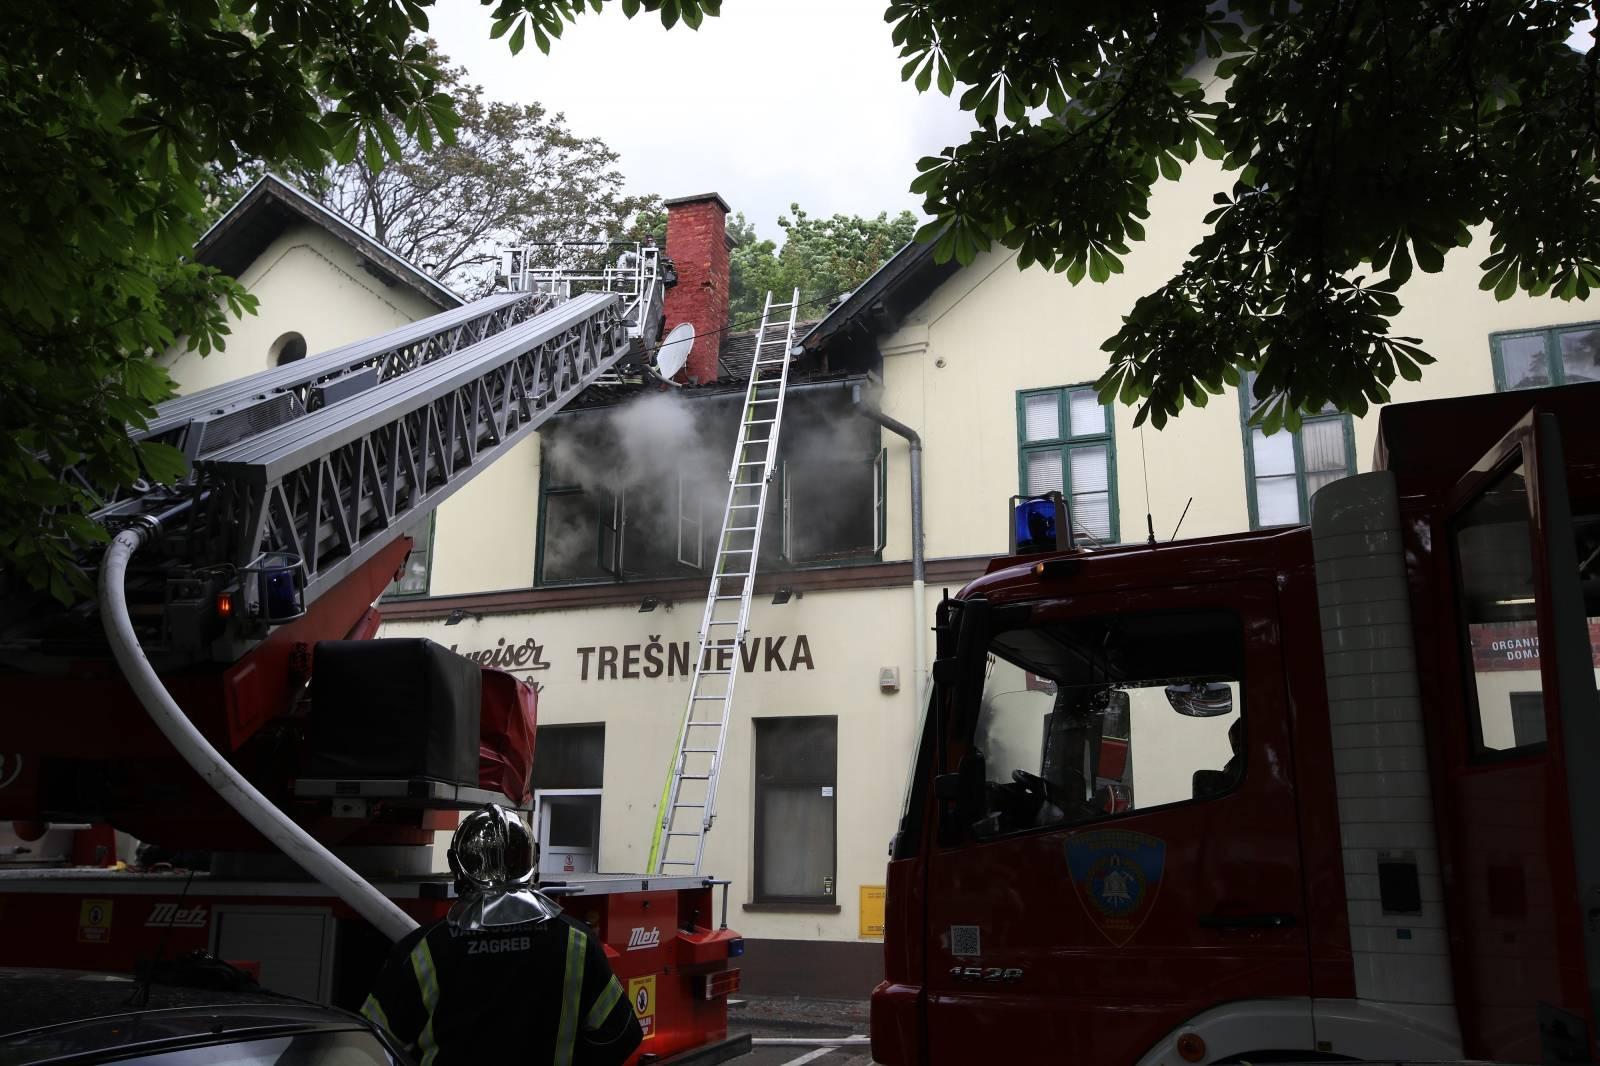 Zagreb: Požar na zagrebaèkoj Trešnjevci, gori poznata pivnica